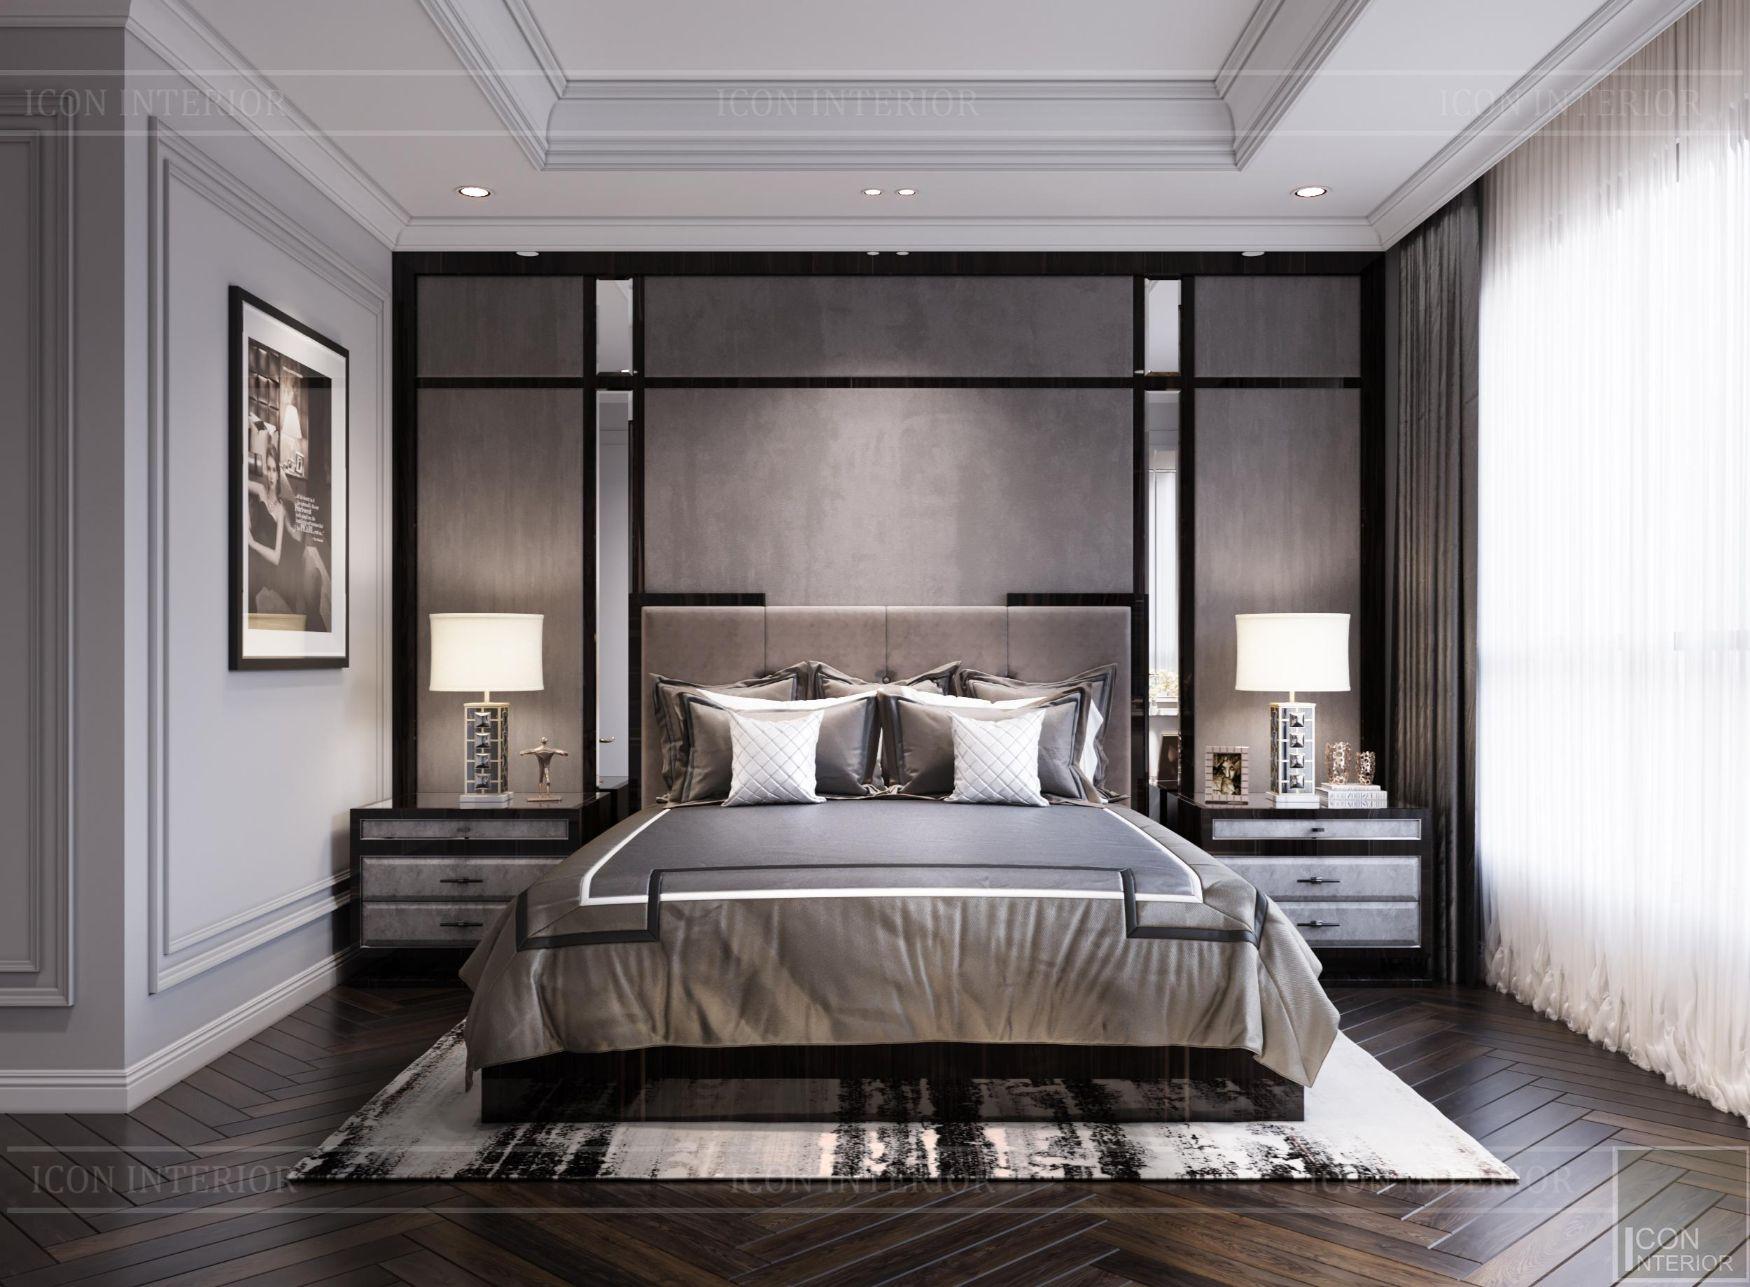 thiết kế nội thất nhà chung cư 100m2 Kingdom 101 phòng ngủ